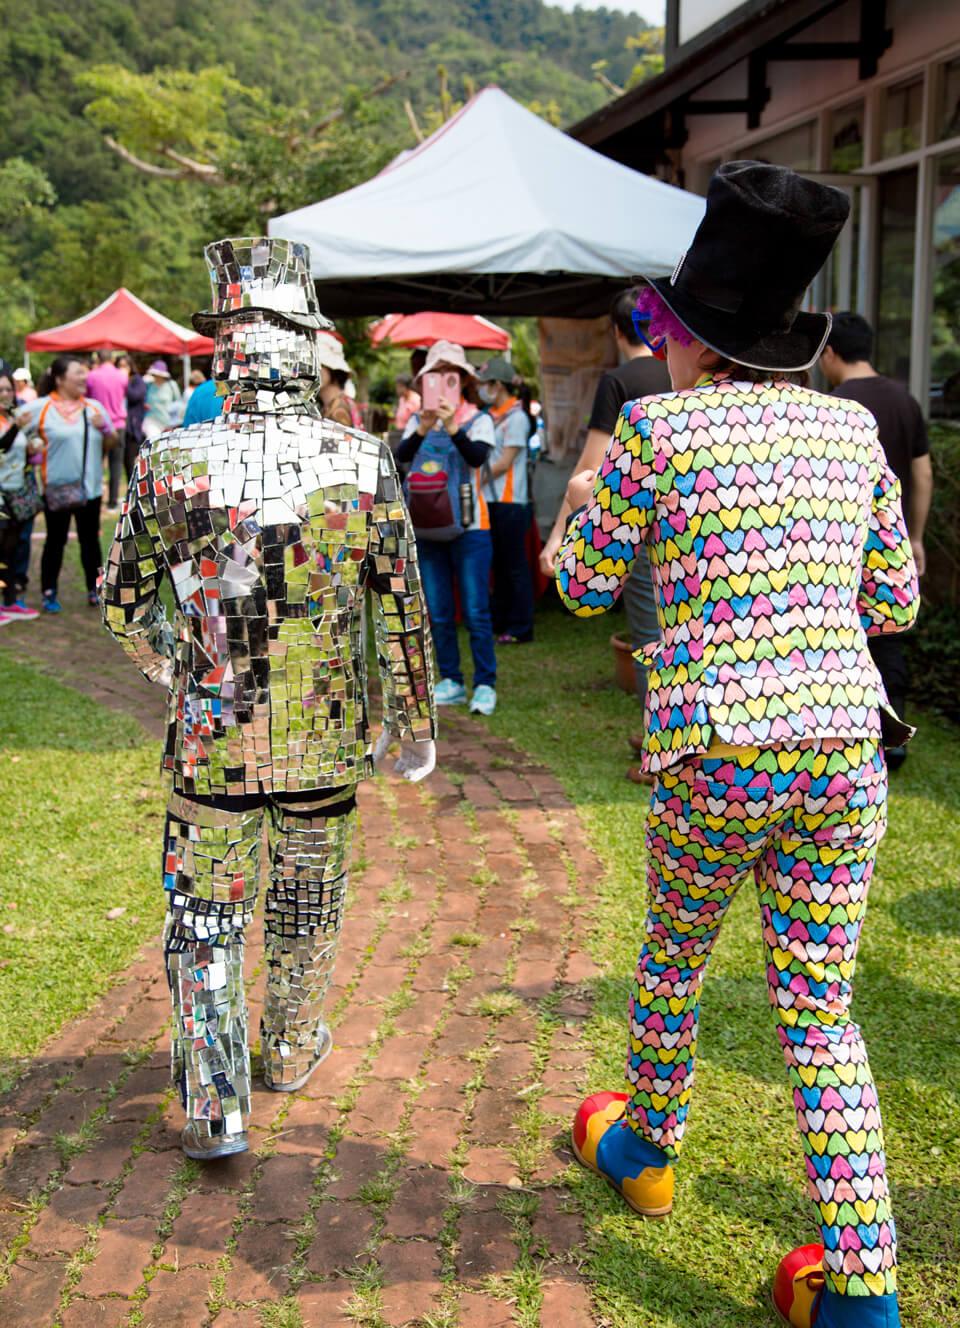 俏皮又略帶性感的兩個背影是誰啊??原來是全身由鏡子組成的鏡面人行動雕像,以及他的好夥伴...瘋瘋癲癲又可愛的小丑先生啊